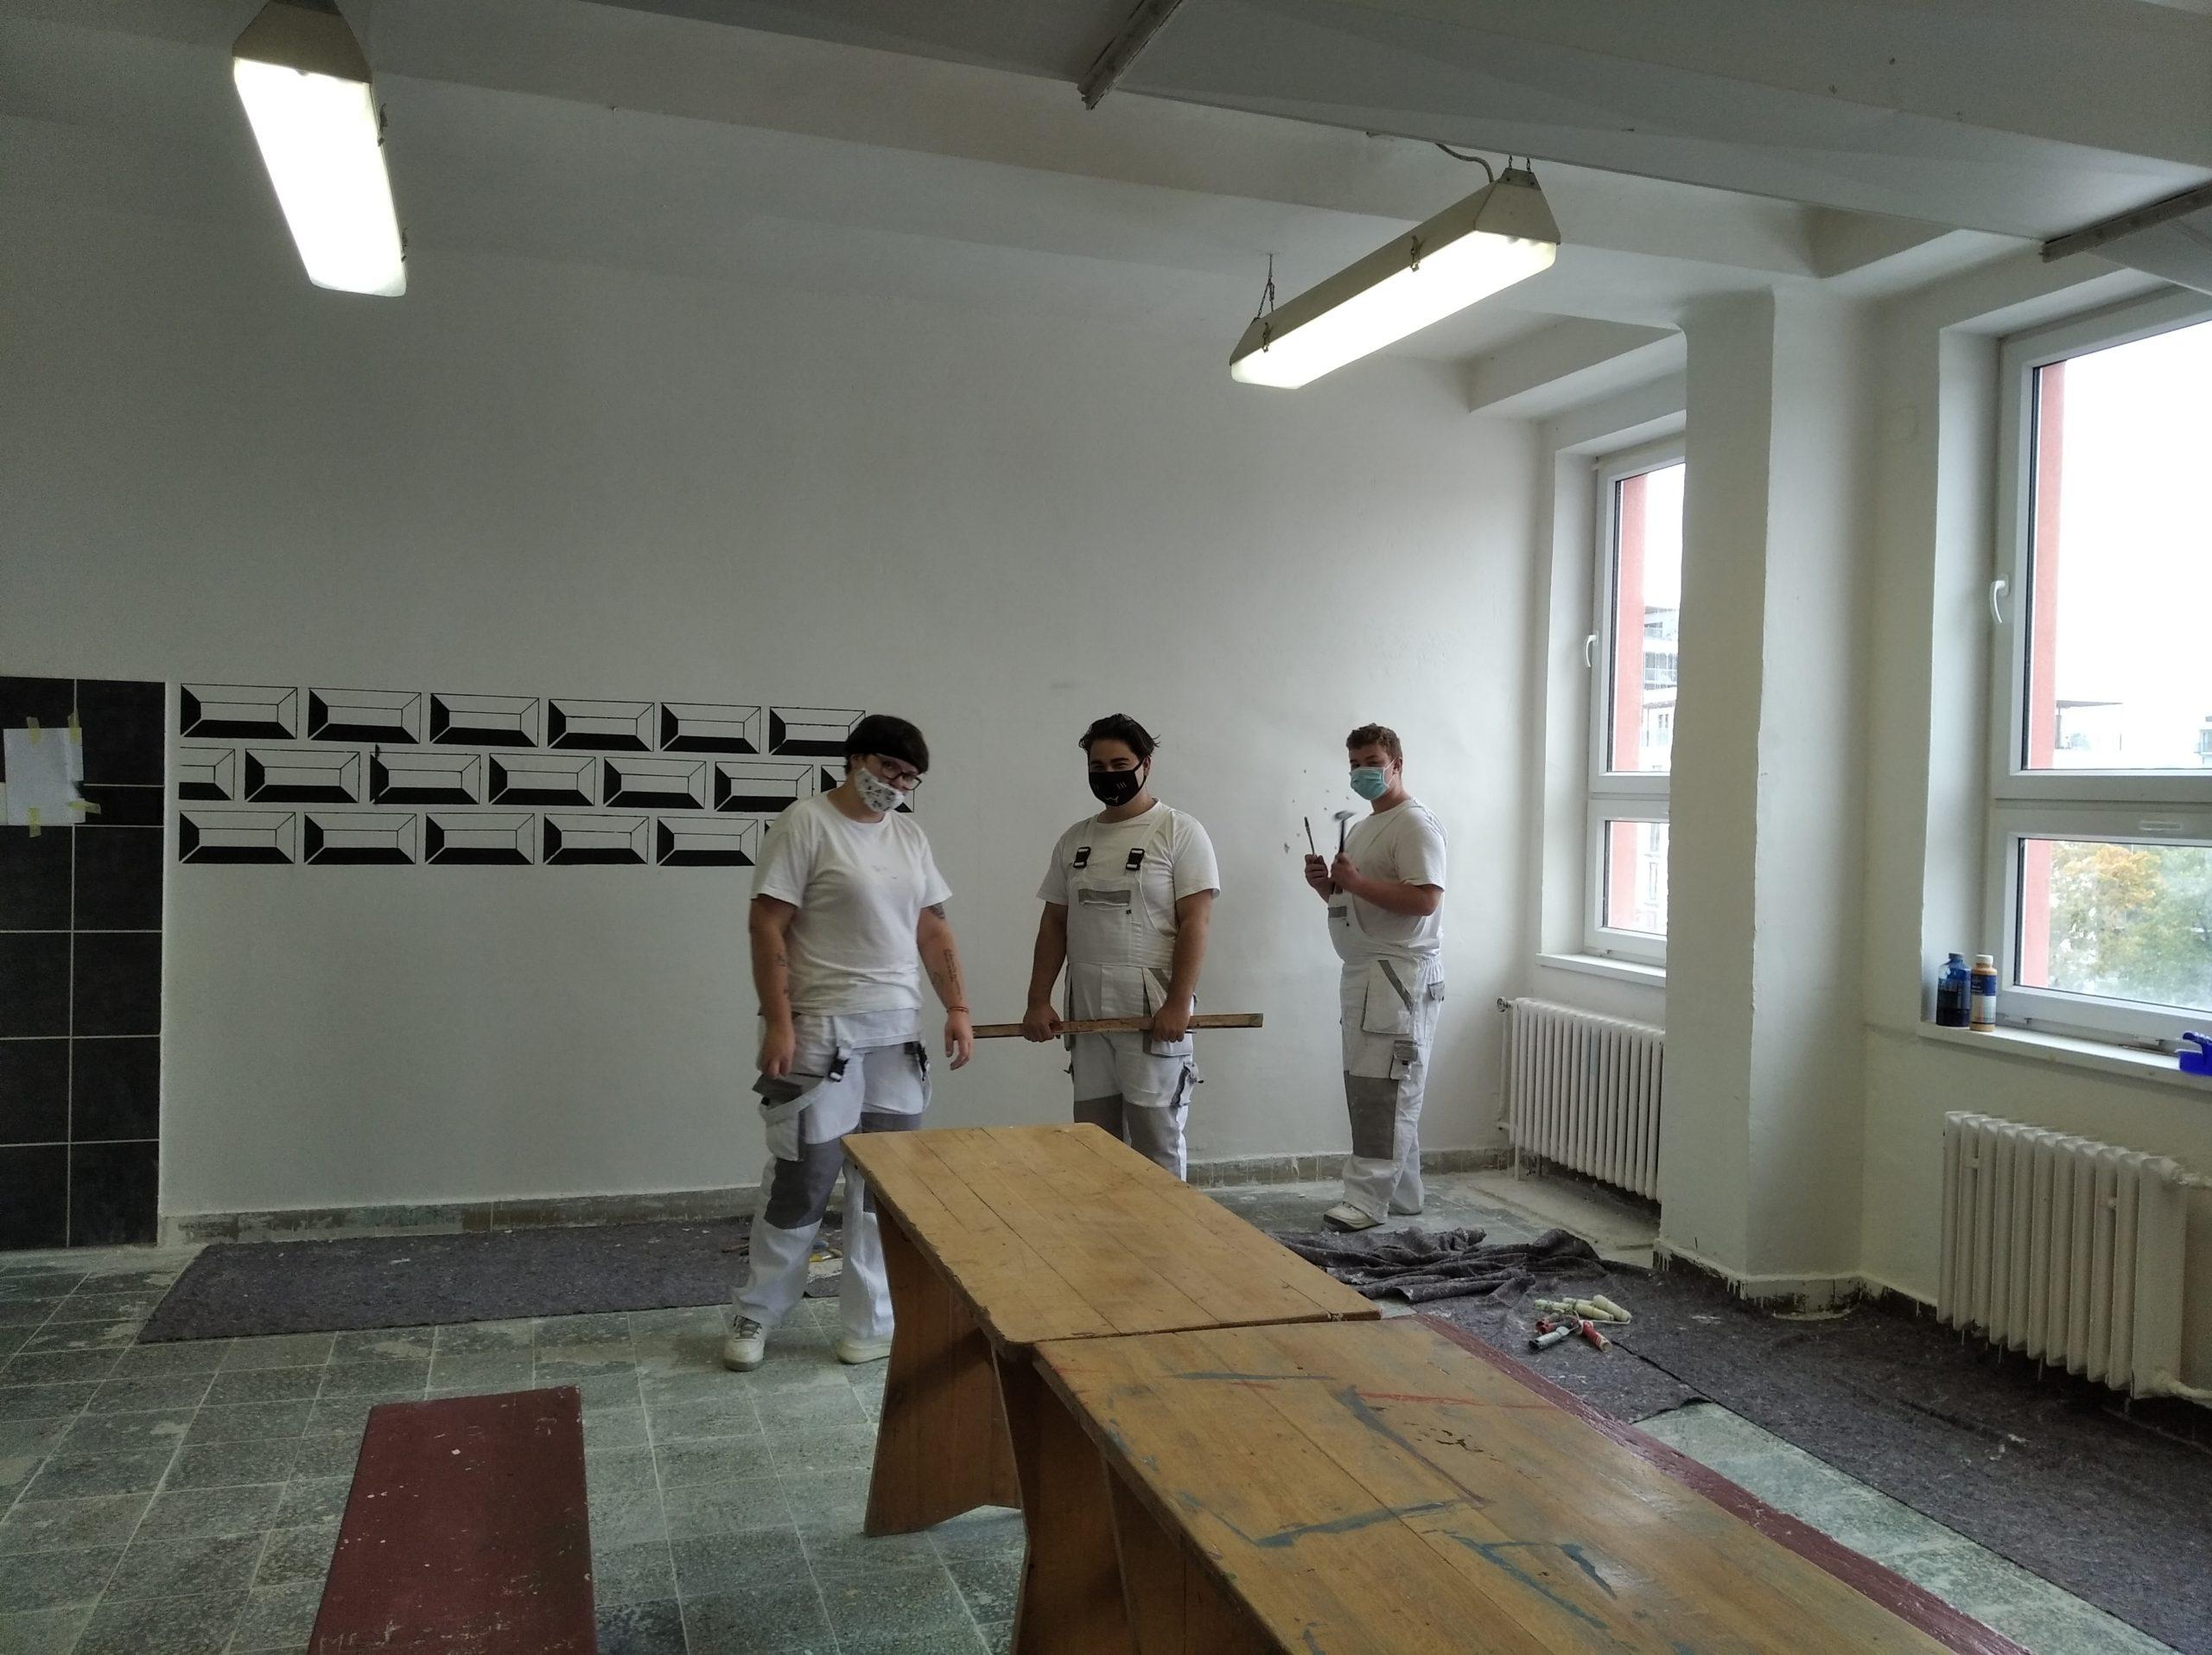 Ve škole je to fajn, ale nejlepší je, když už normálně pracujeme na zakázce, shodují se malíři.